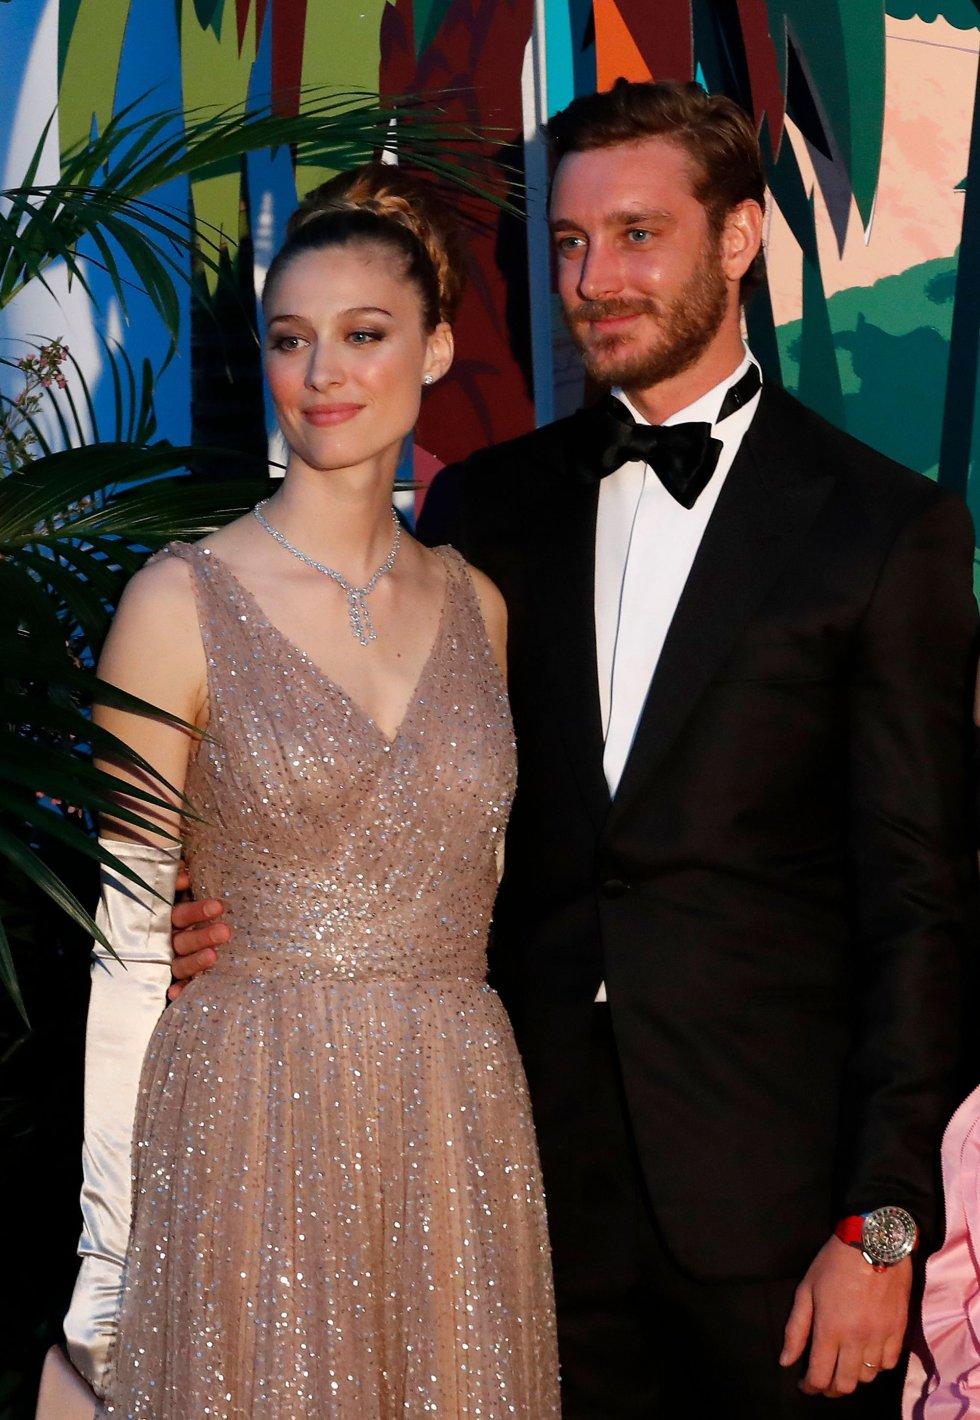 Pierre Casiraghi y su esposa Beatrice Boromeo, a su llegada al Baile de la Rosa, que organiza Carolina de Mónaco.